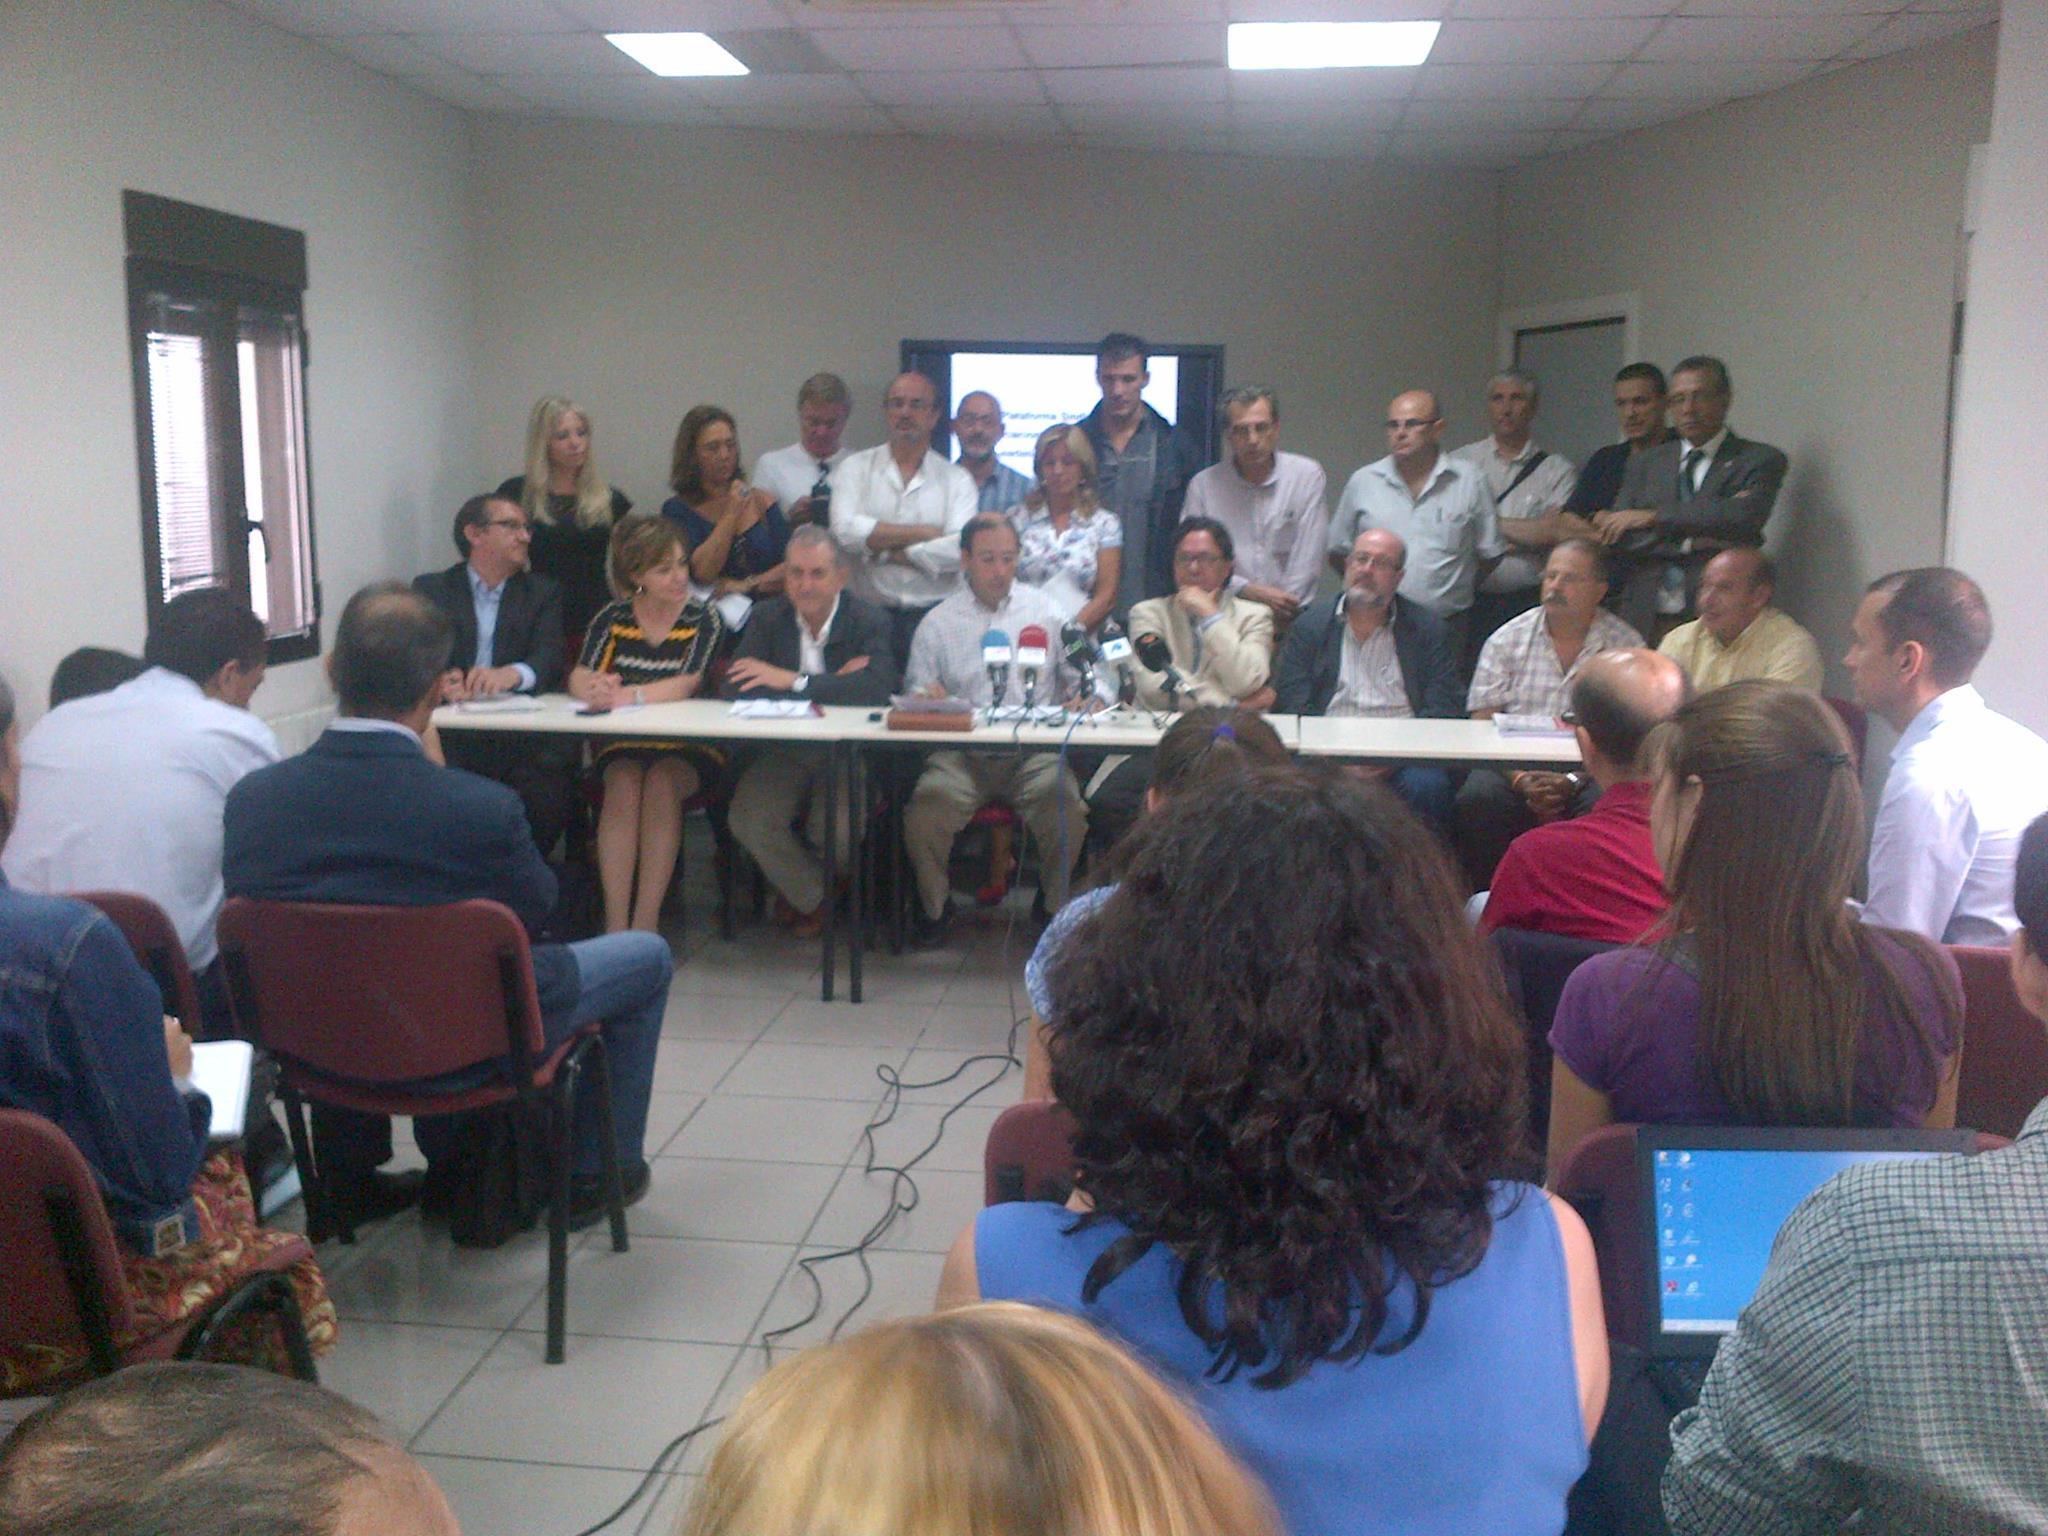 Rueda de prensa de la Plataforma Sindical anunciando nuevas movilizaciones contra los recortes (4 de septiembre de 2012)